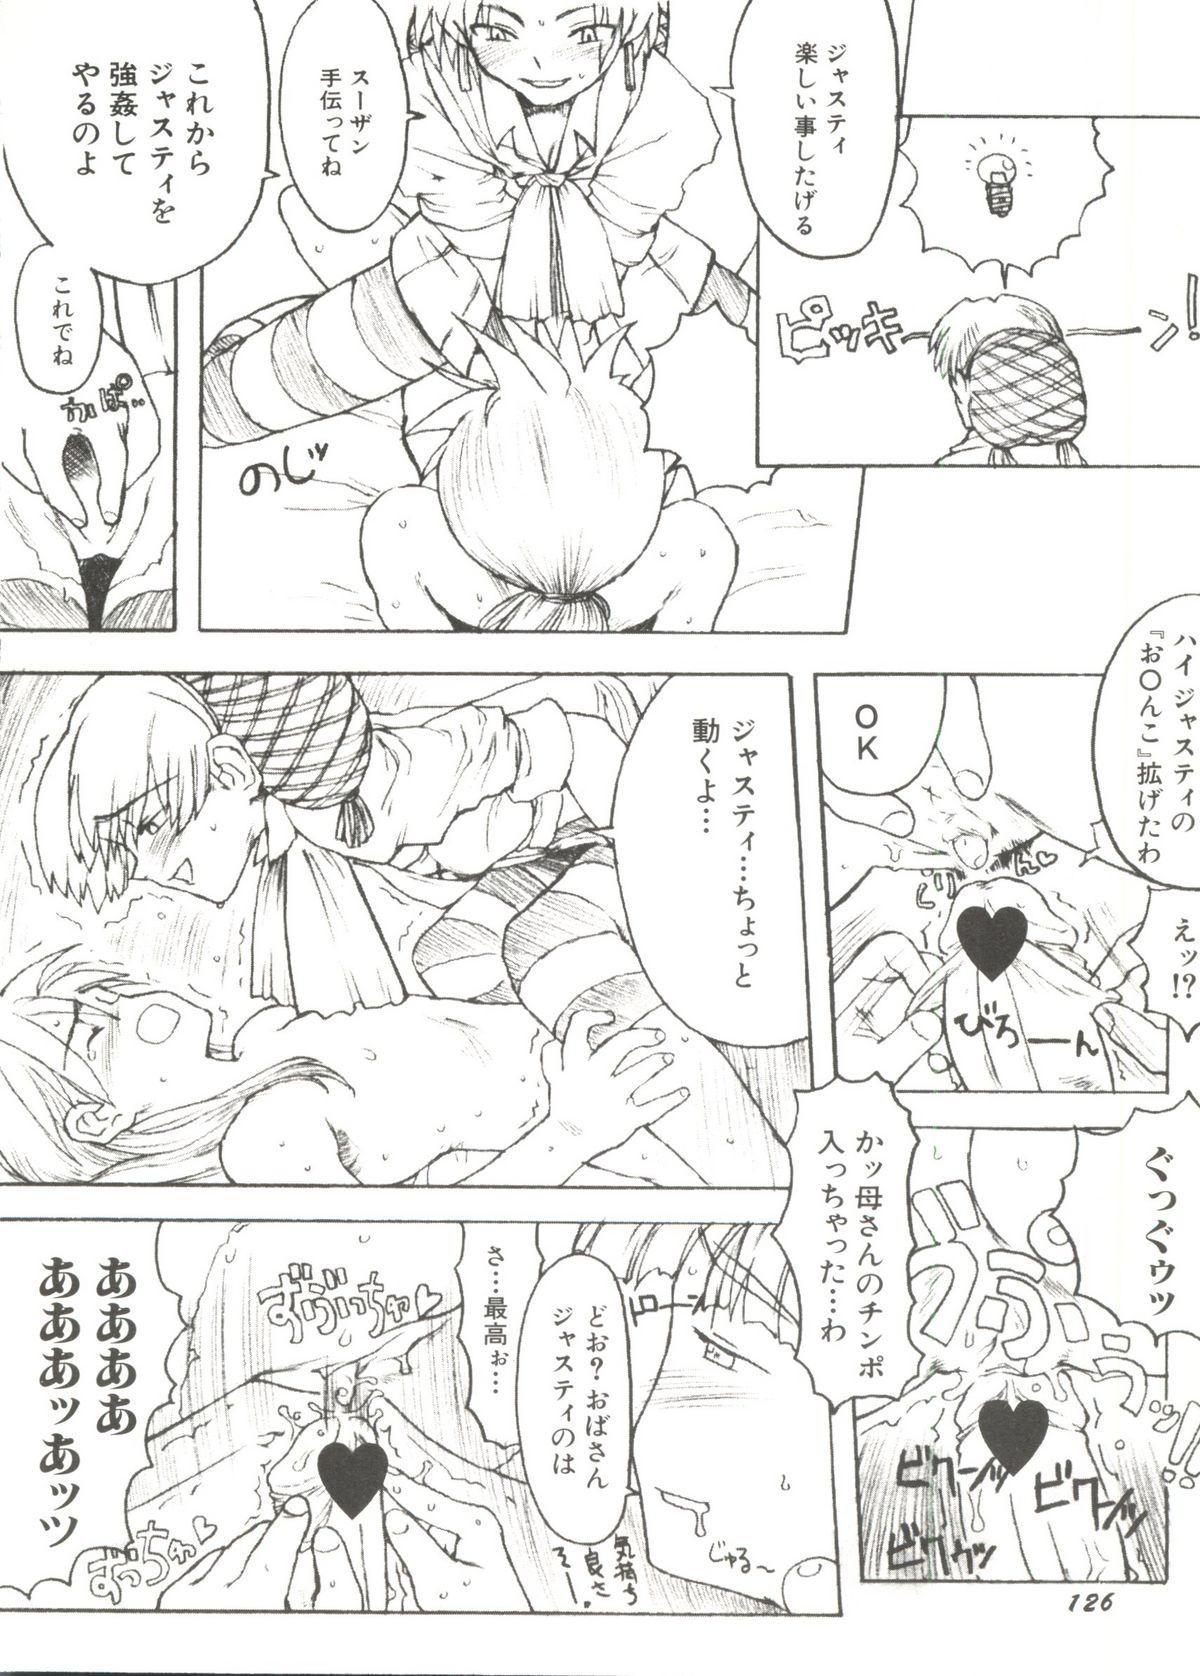 Denei Tamate Bako Bishoujo Doujinshi Anthology Vol. 2 - Nishinhou no Tenshi 125